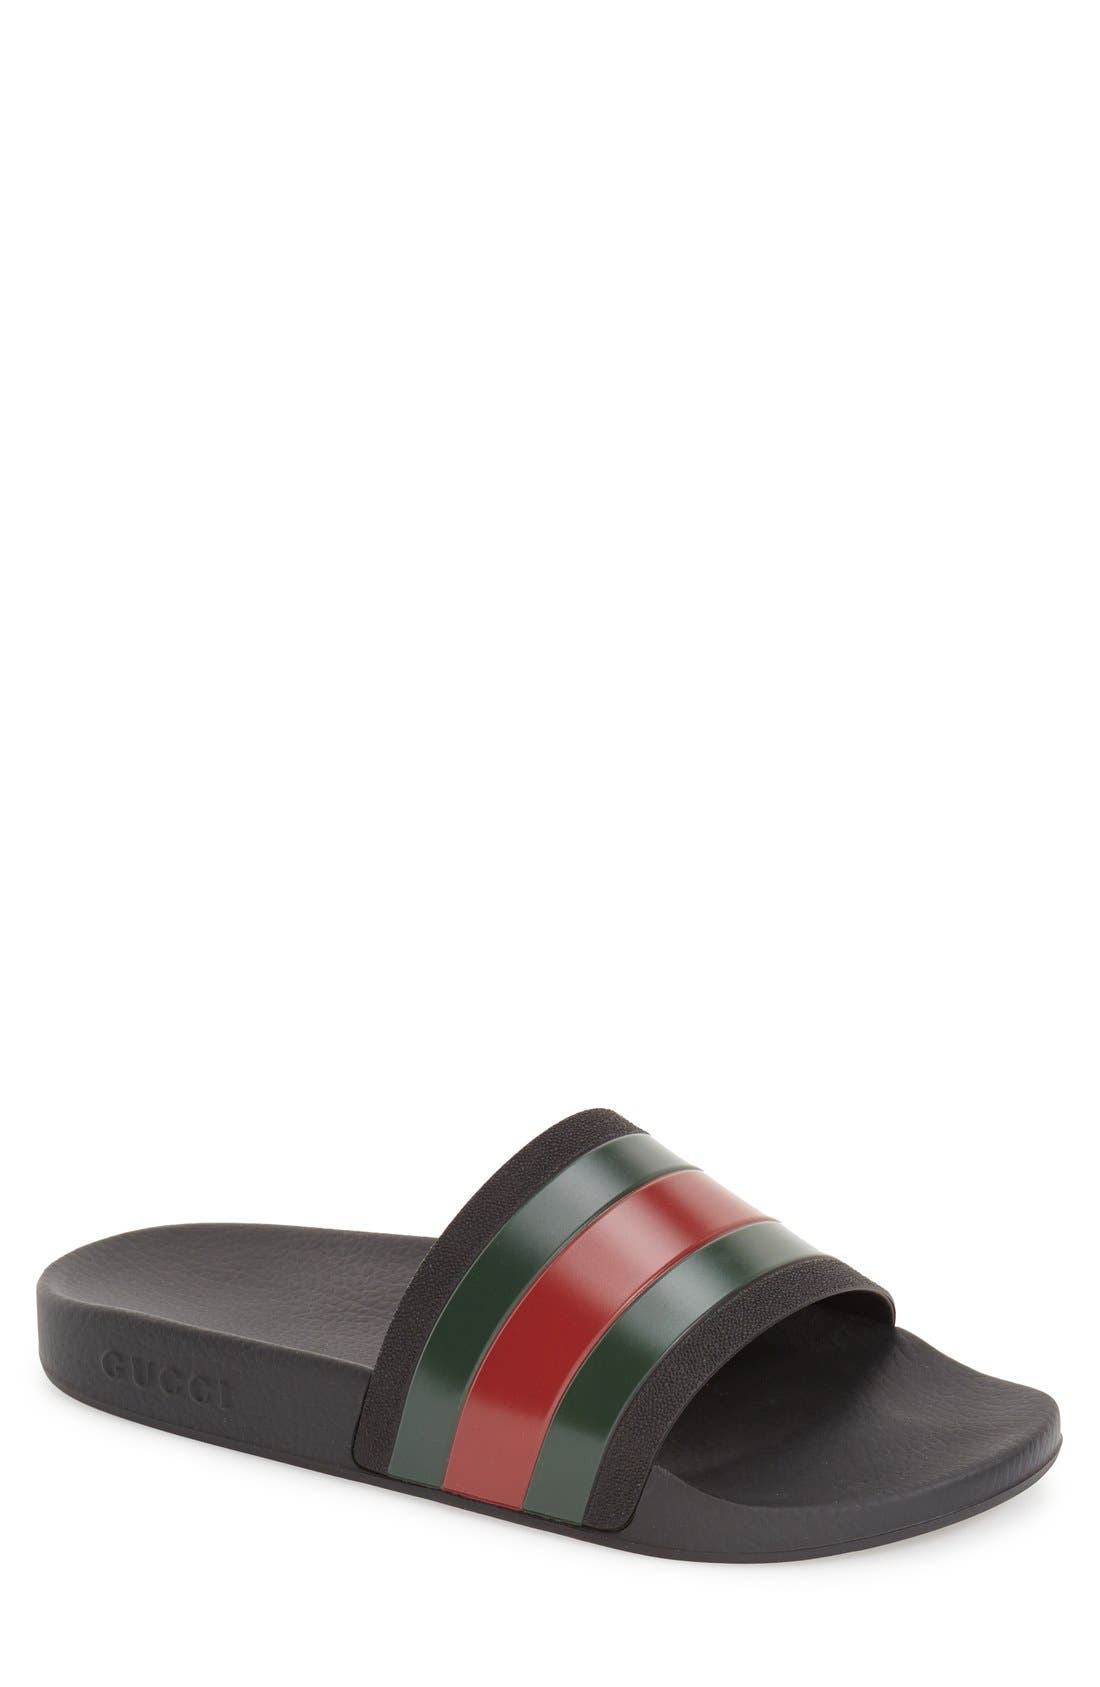 Pursuit Rubber Slide Sandal,                             Main thumbnail 1, color,                             BLACK